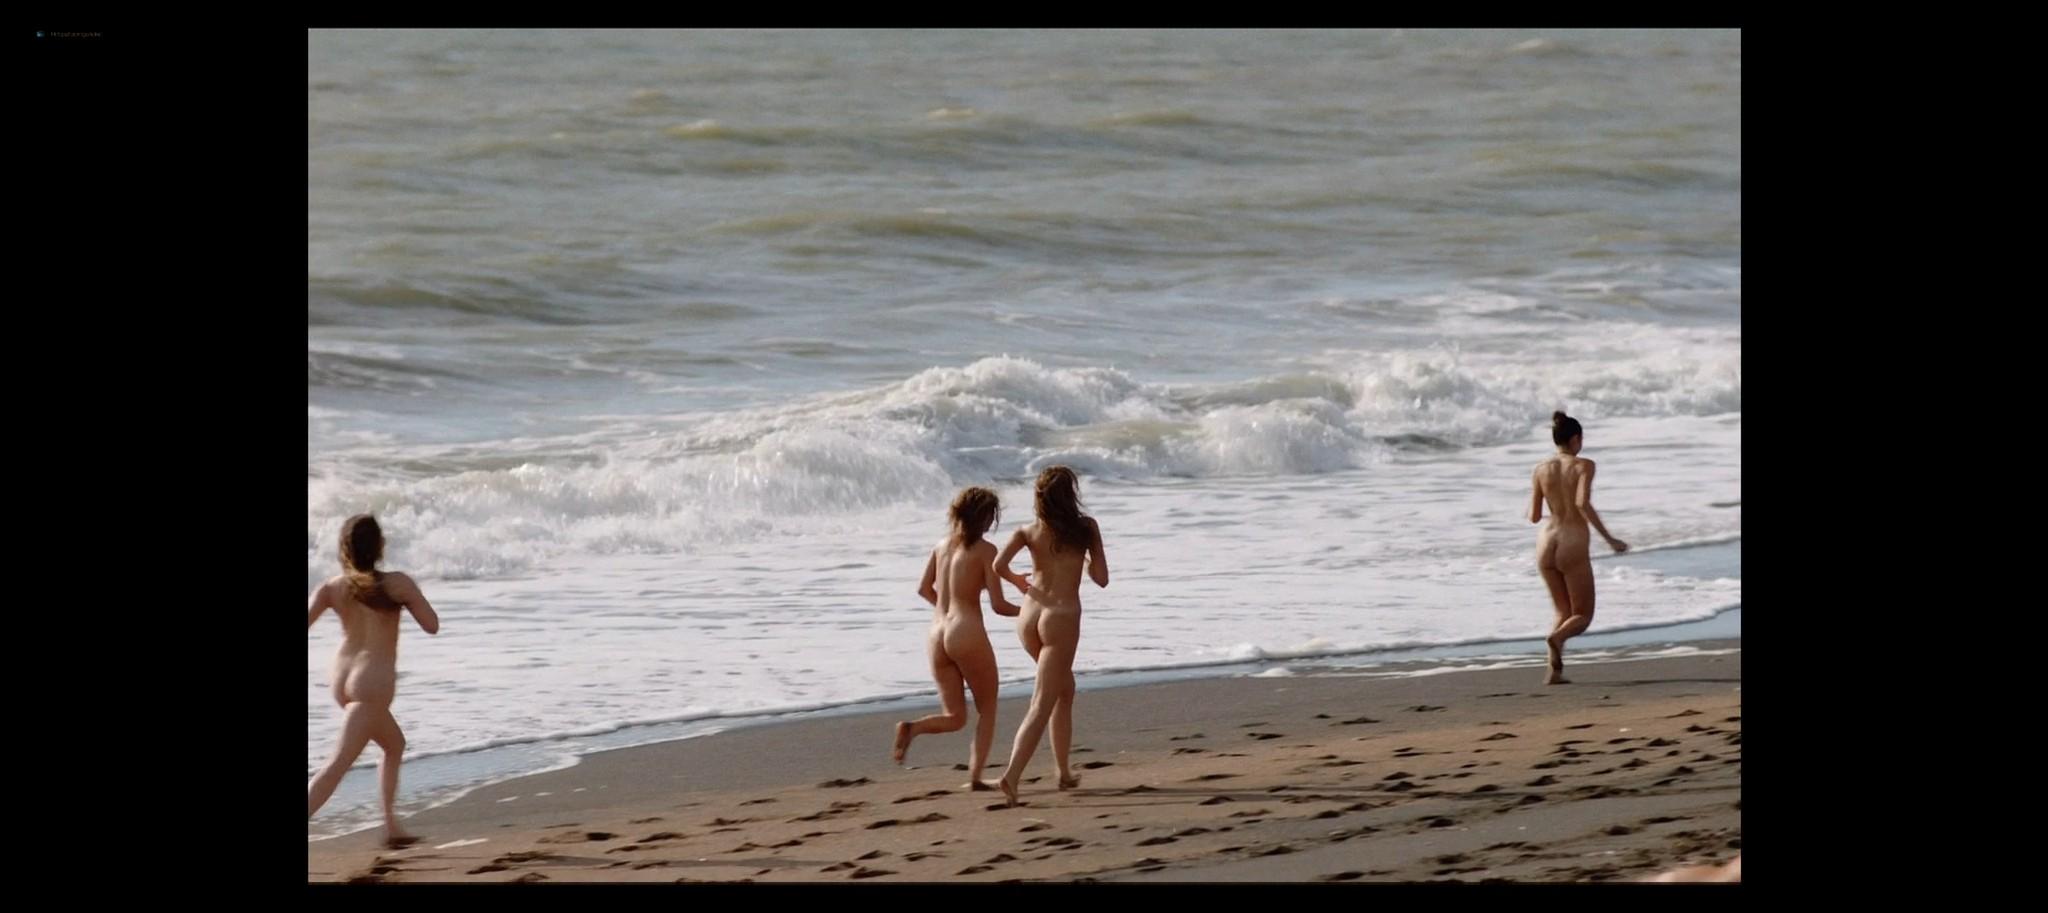 Laura Chiatti nude Antonia Fotaras and others nude bush and topless Addio al nubilato IT 2021 1080p Web 13